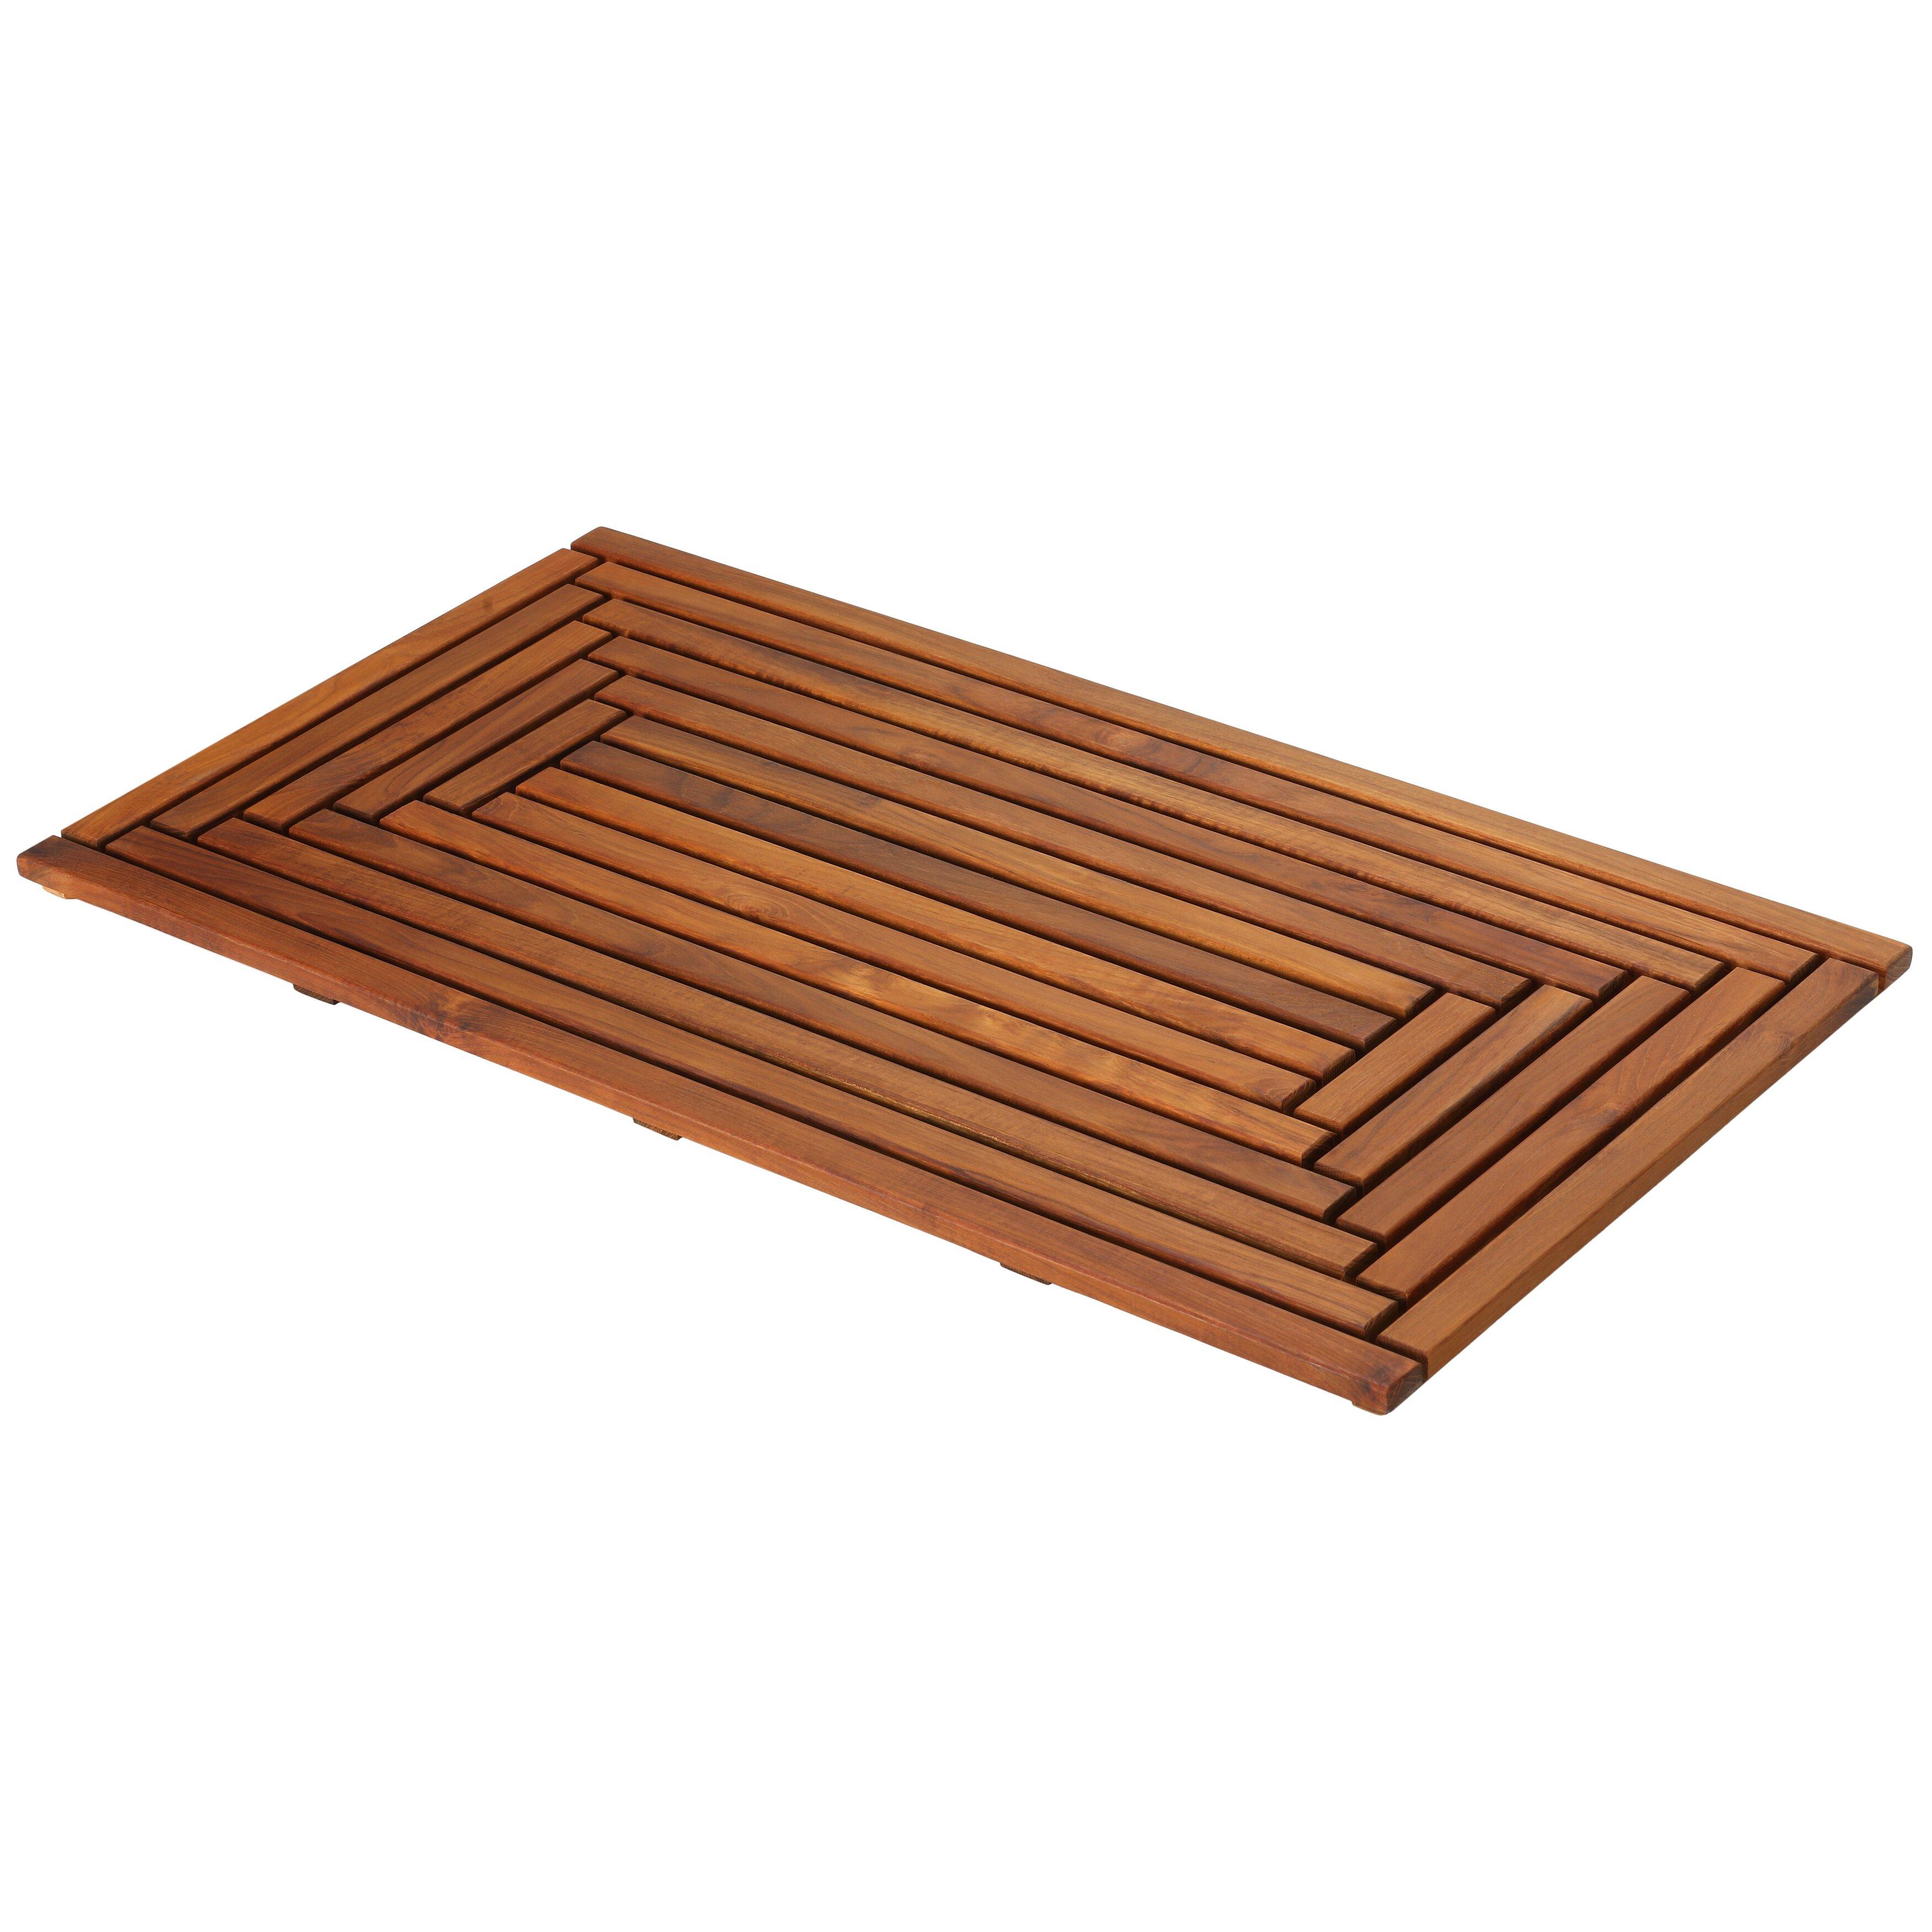 baredecor solid teak wood shower mat reviews. Black Bedroom Furniture Sets. Home Design Ideas